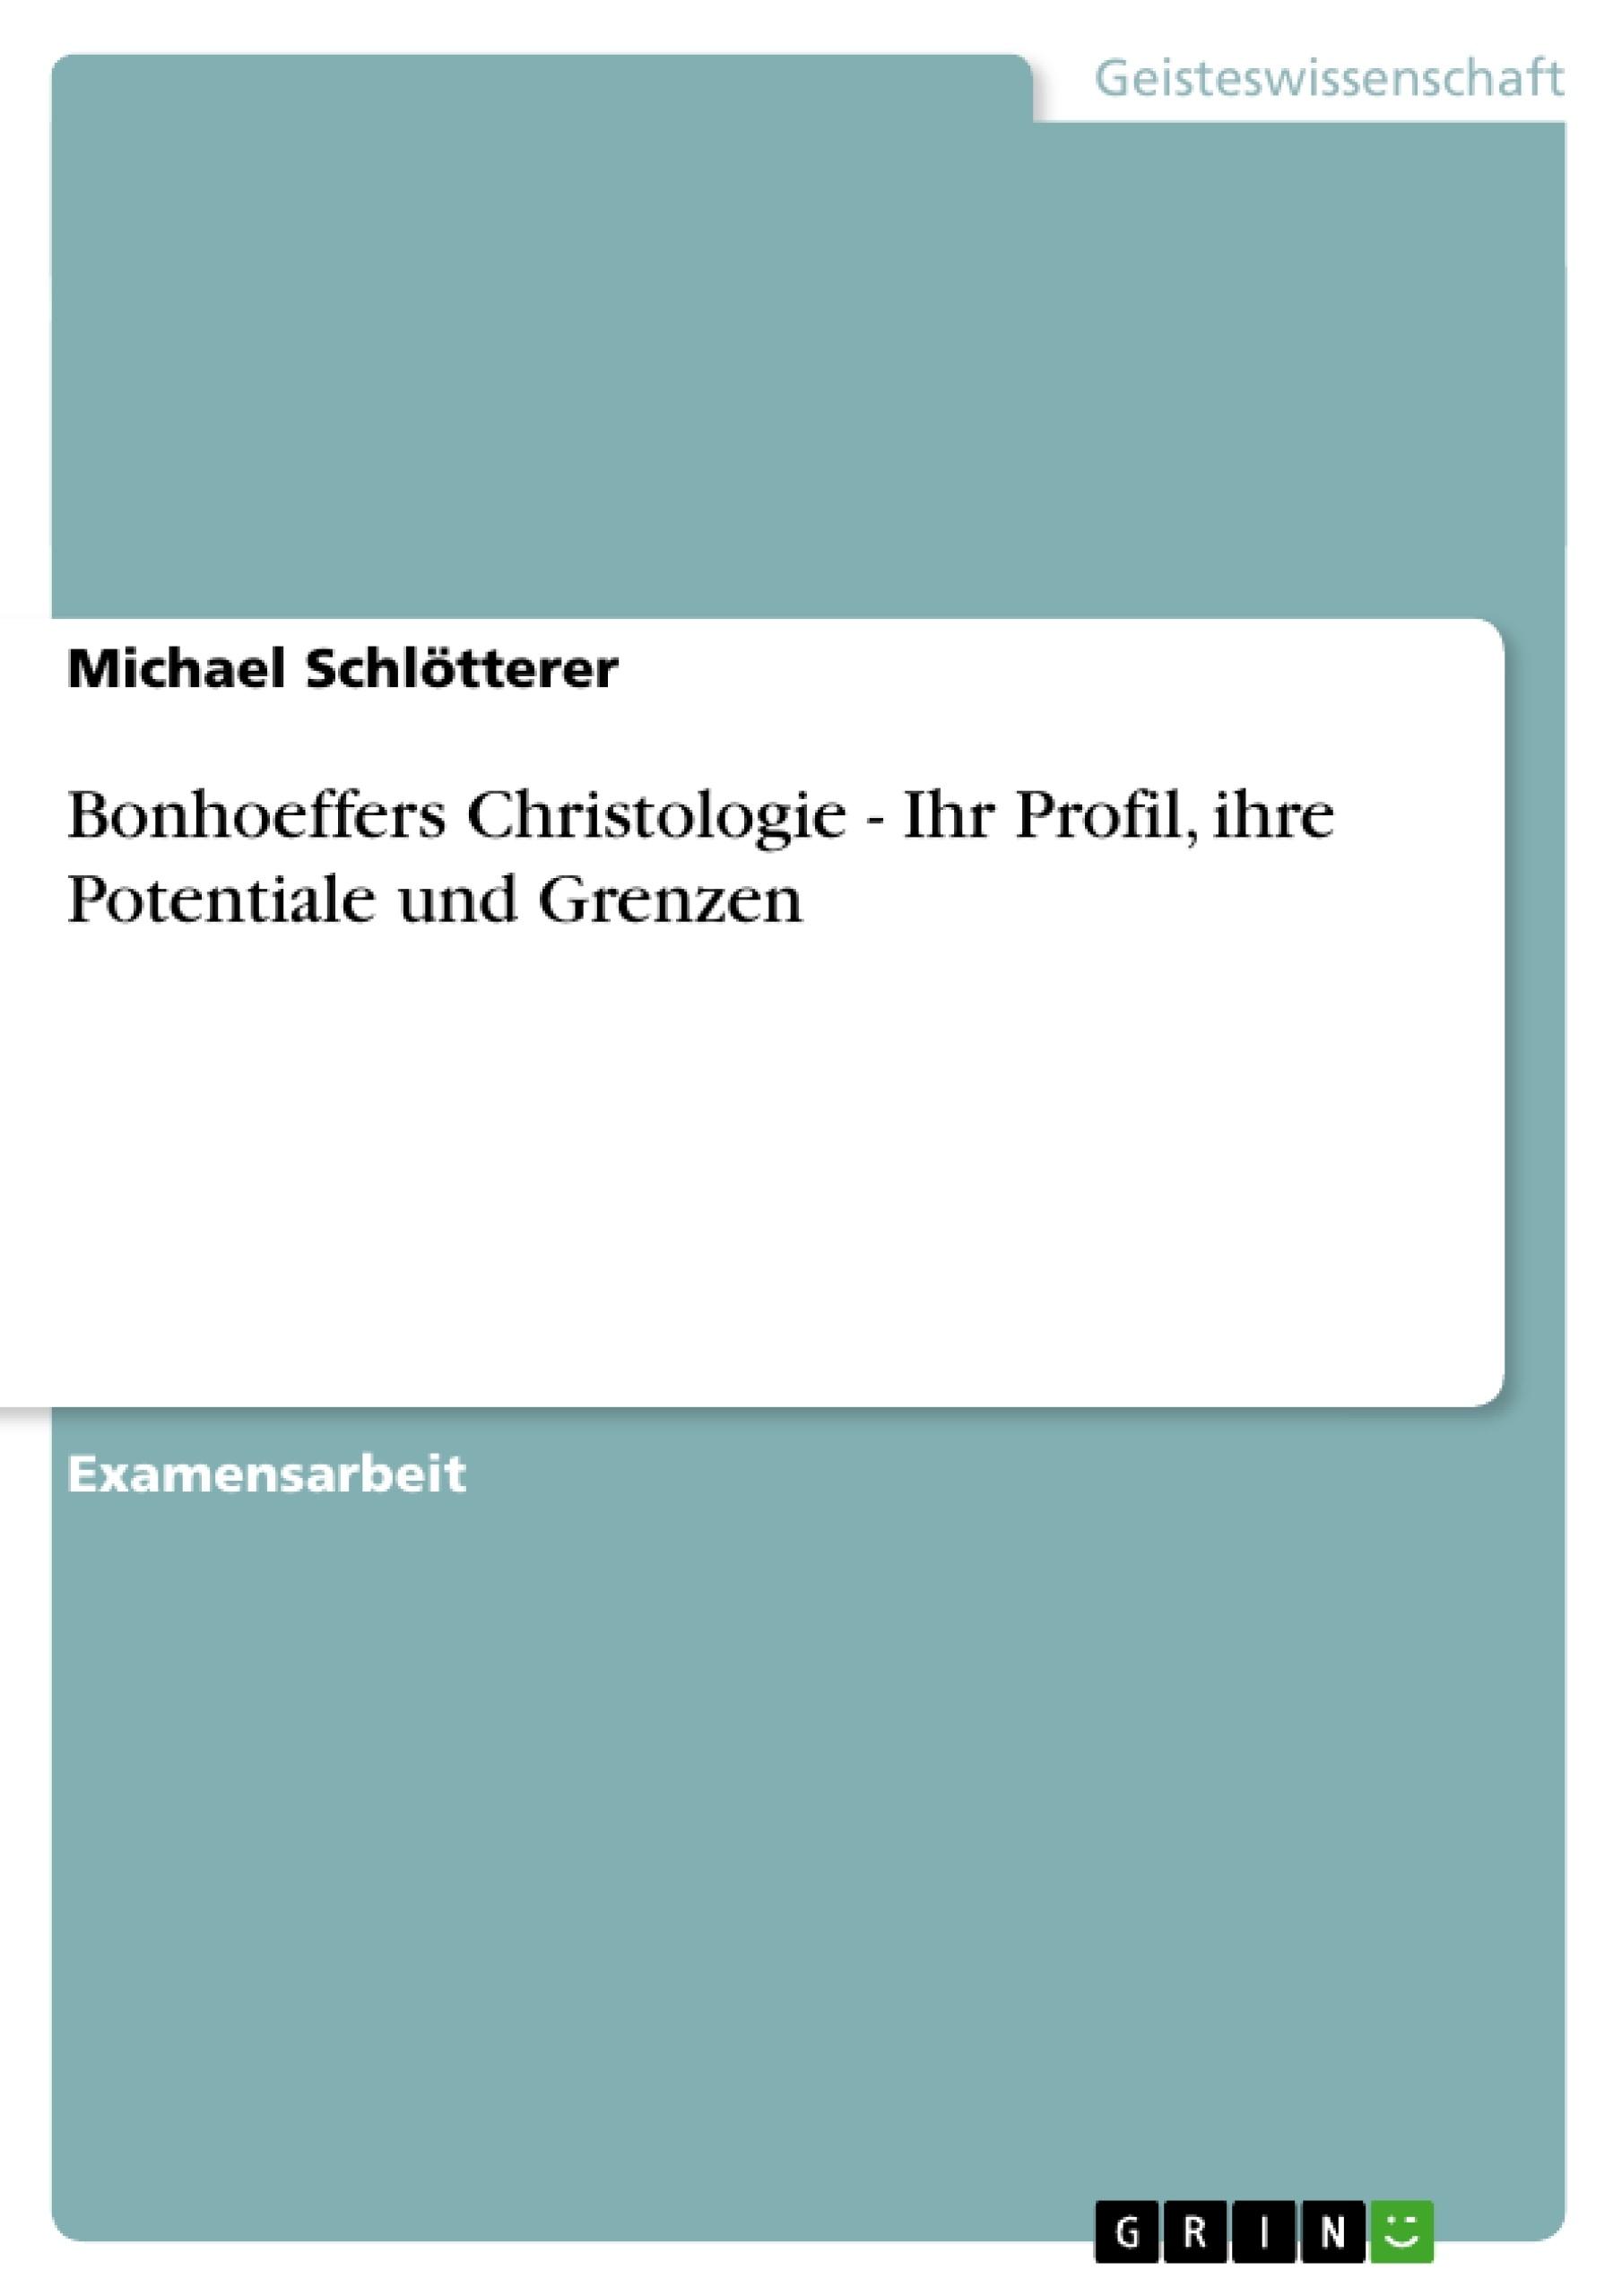 Titel: Bonhoeffers Christologie - Ihr Profil, ihre Potentiale und Grenzen